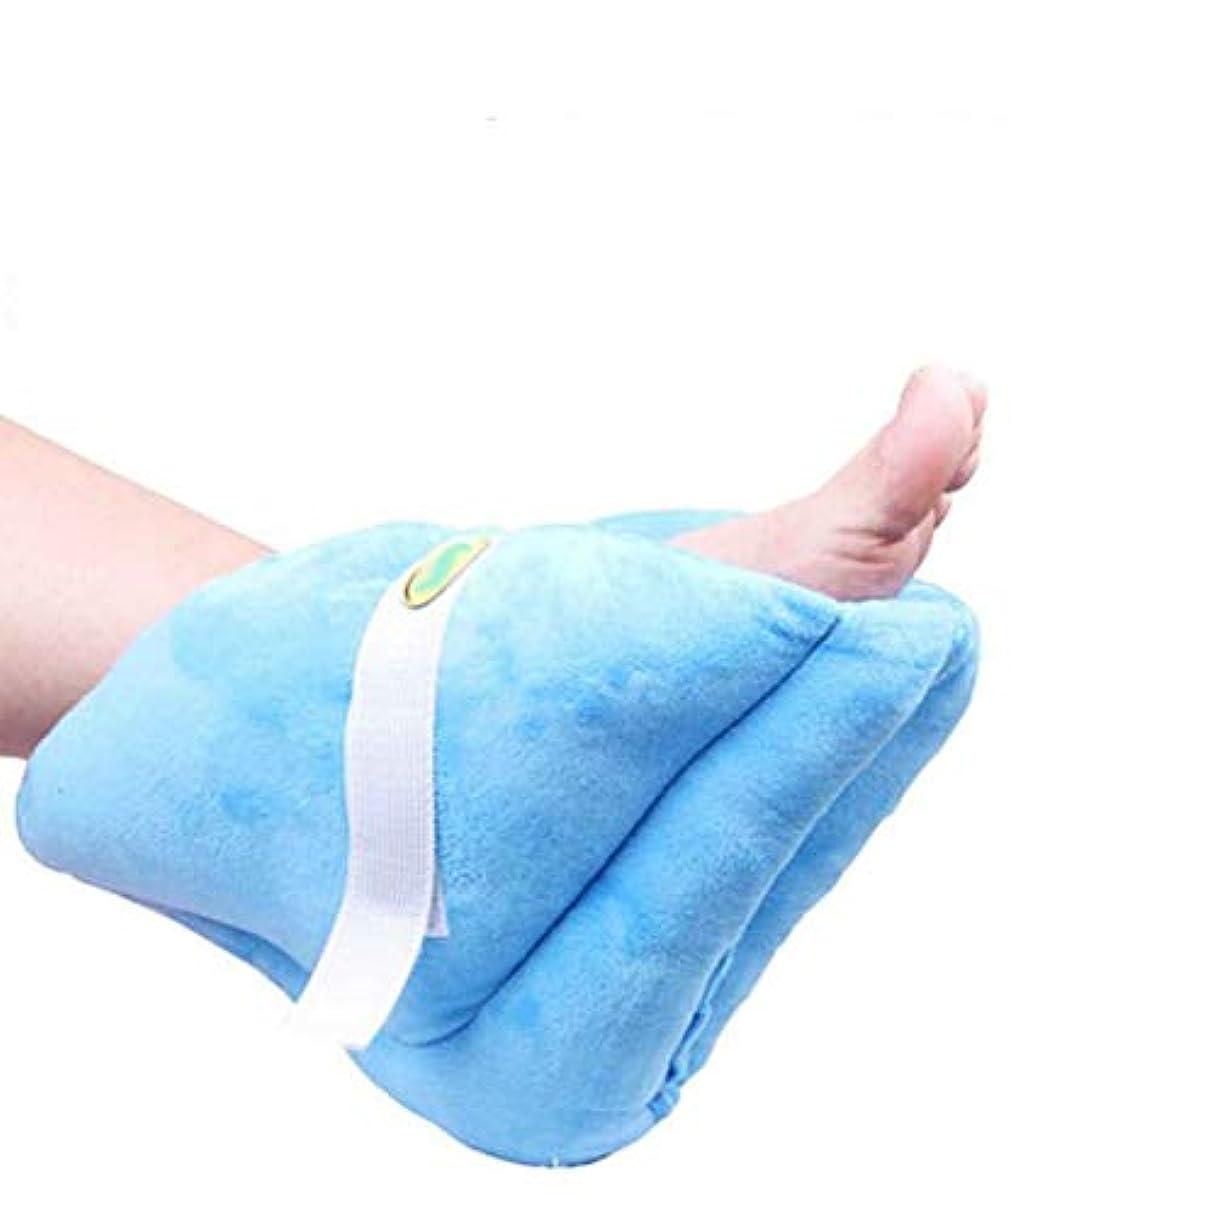 構成する比べる巡礼者ヒールクッションプロテクター - 足と足首の枕 - ヒール保護ガード - 足、肘、かかと - ベッド&褥瘡を保護します,1pc